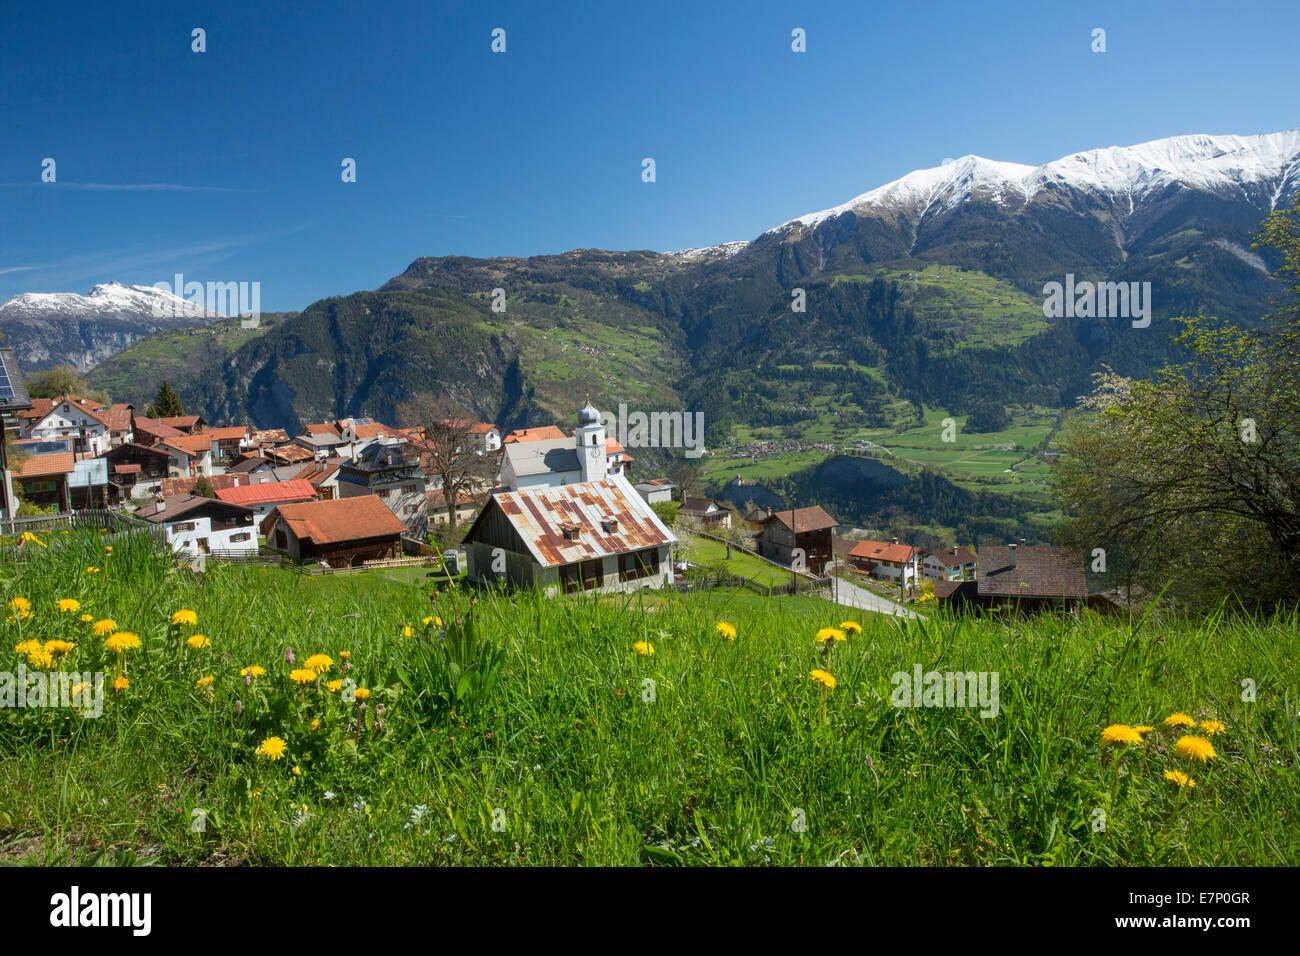 Domleschg, Präz, Heinzenberg, Piz Beverin, Domleschg, GR, canton, Graubünden, Grisons, spring, mountain, - Stock Image